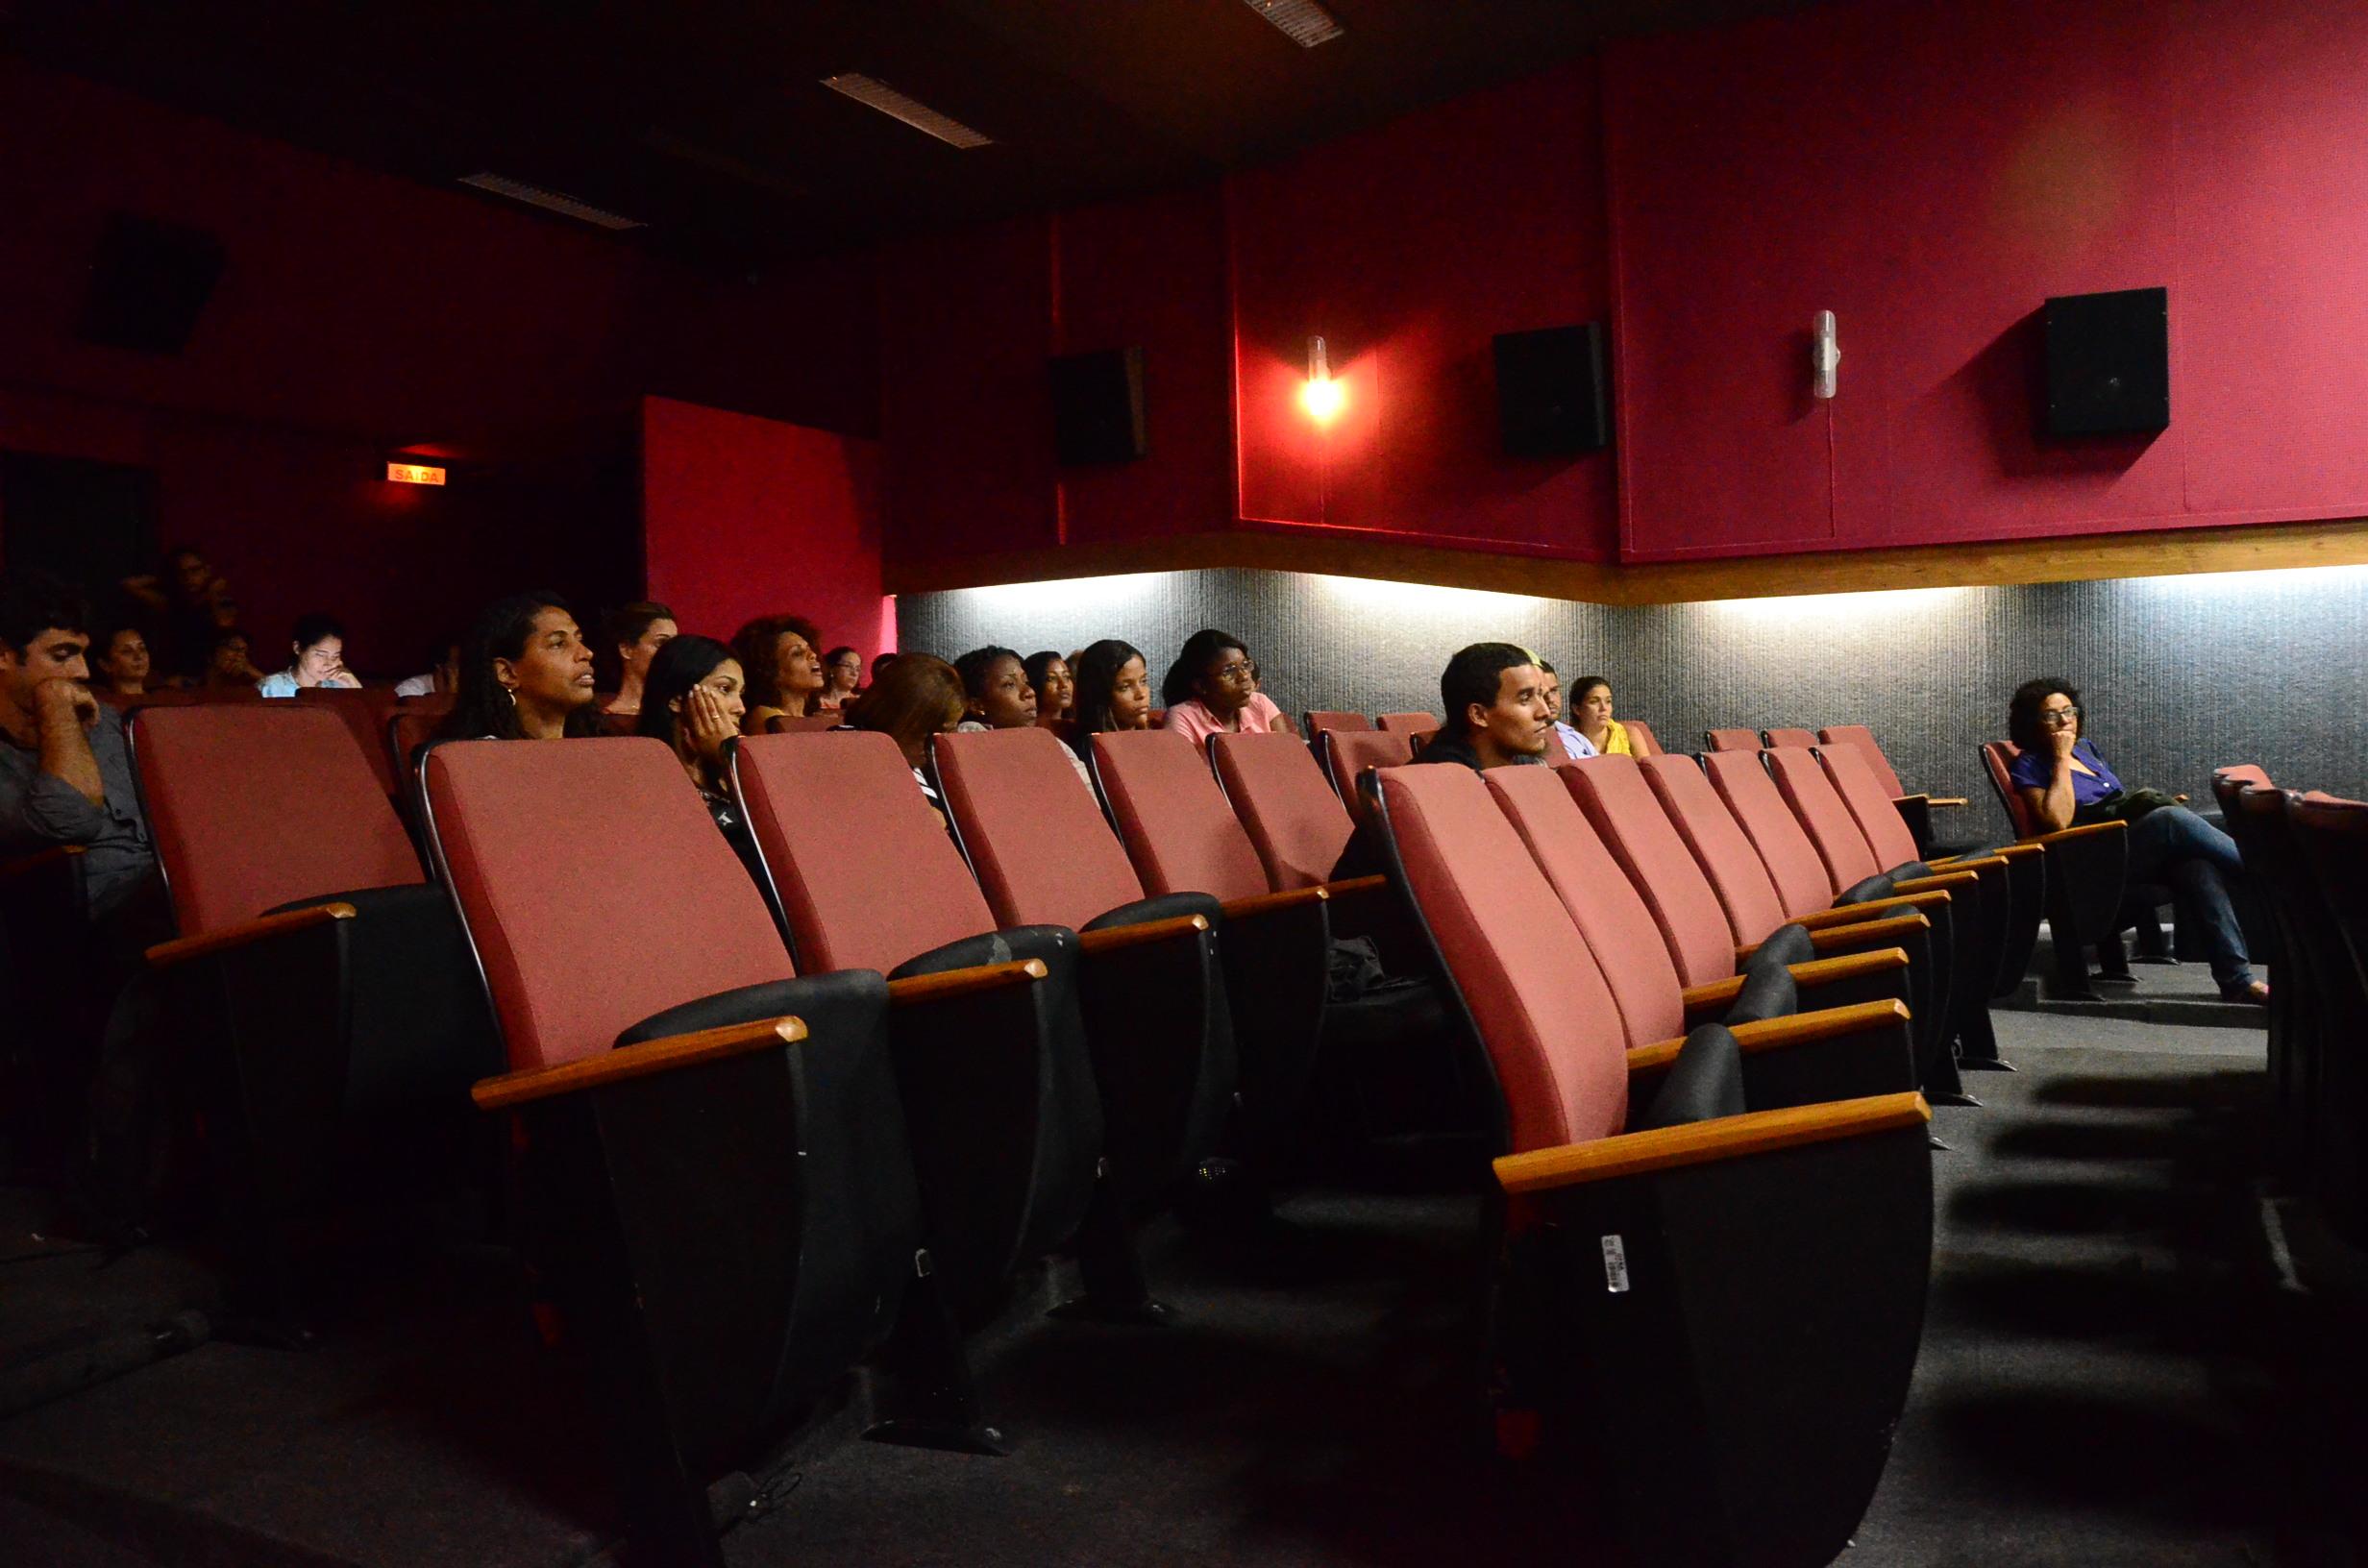 SaladeArte - Cinema da UFBA faz parte do Cinemas em Rede, projeto da RNP. Foto: